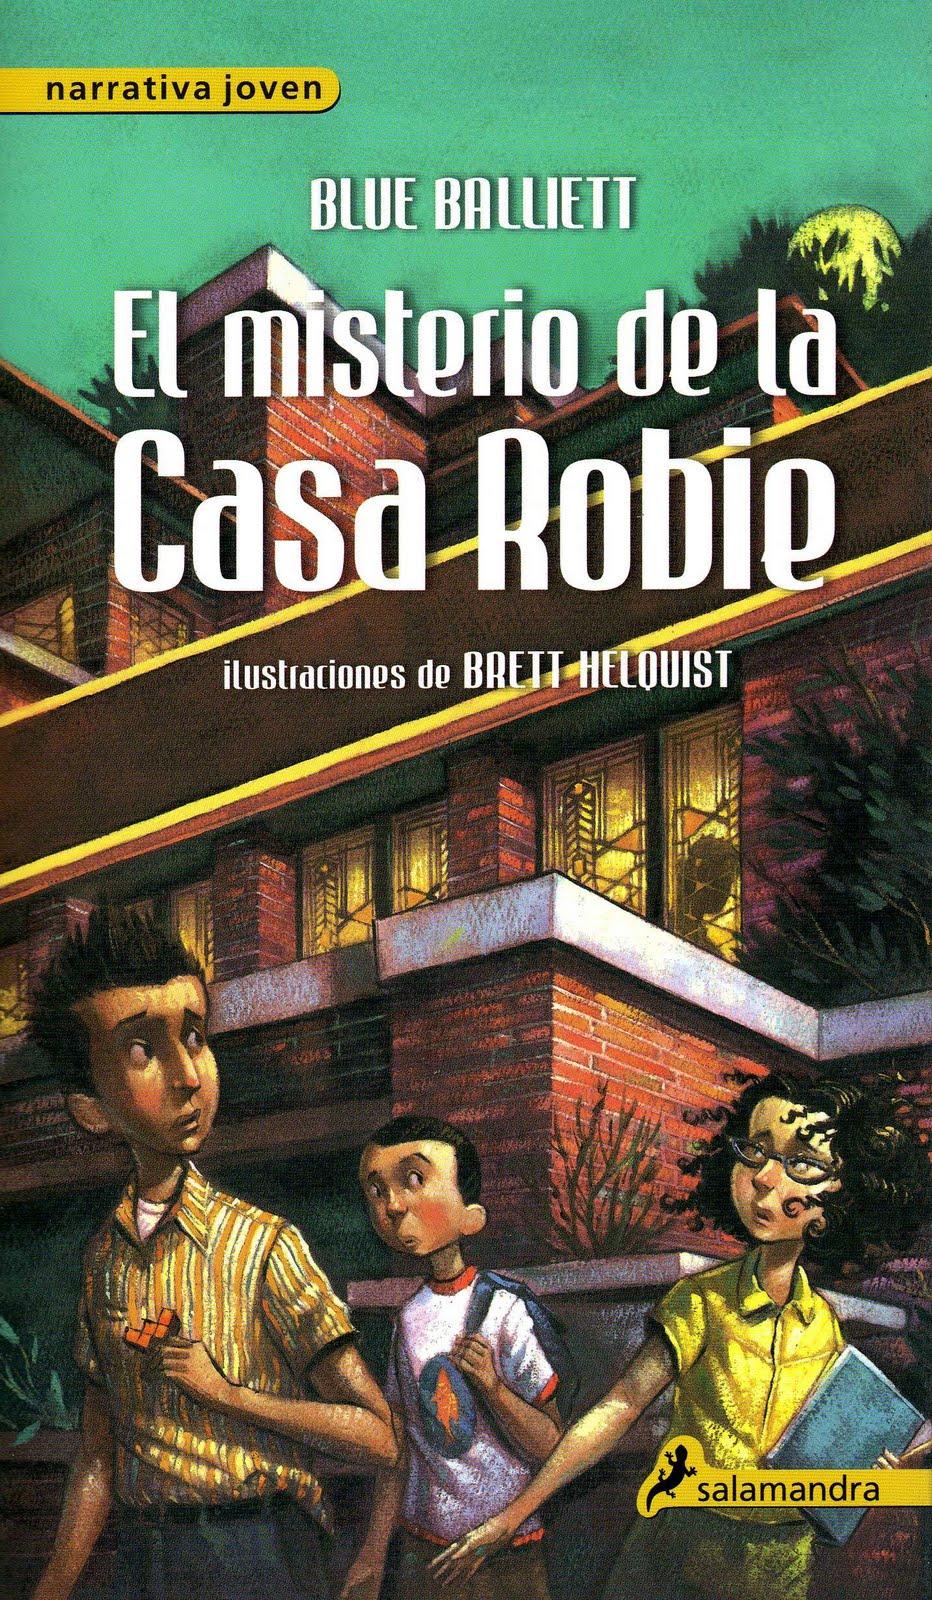 libros de lectura infantil y juvenil actuales agosto 2011